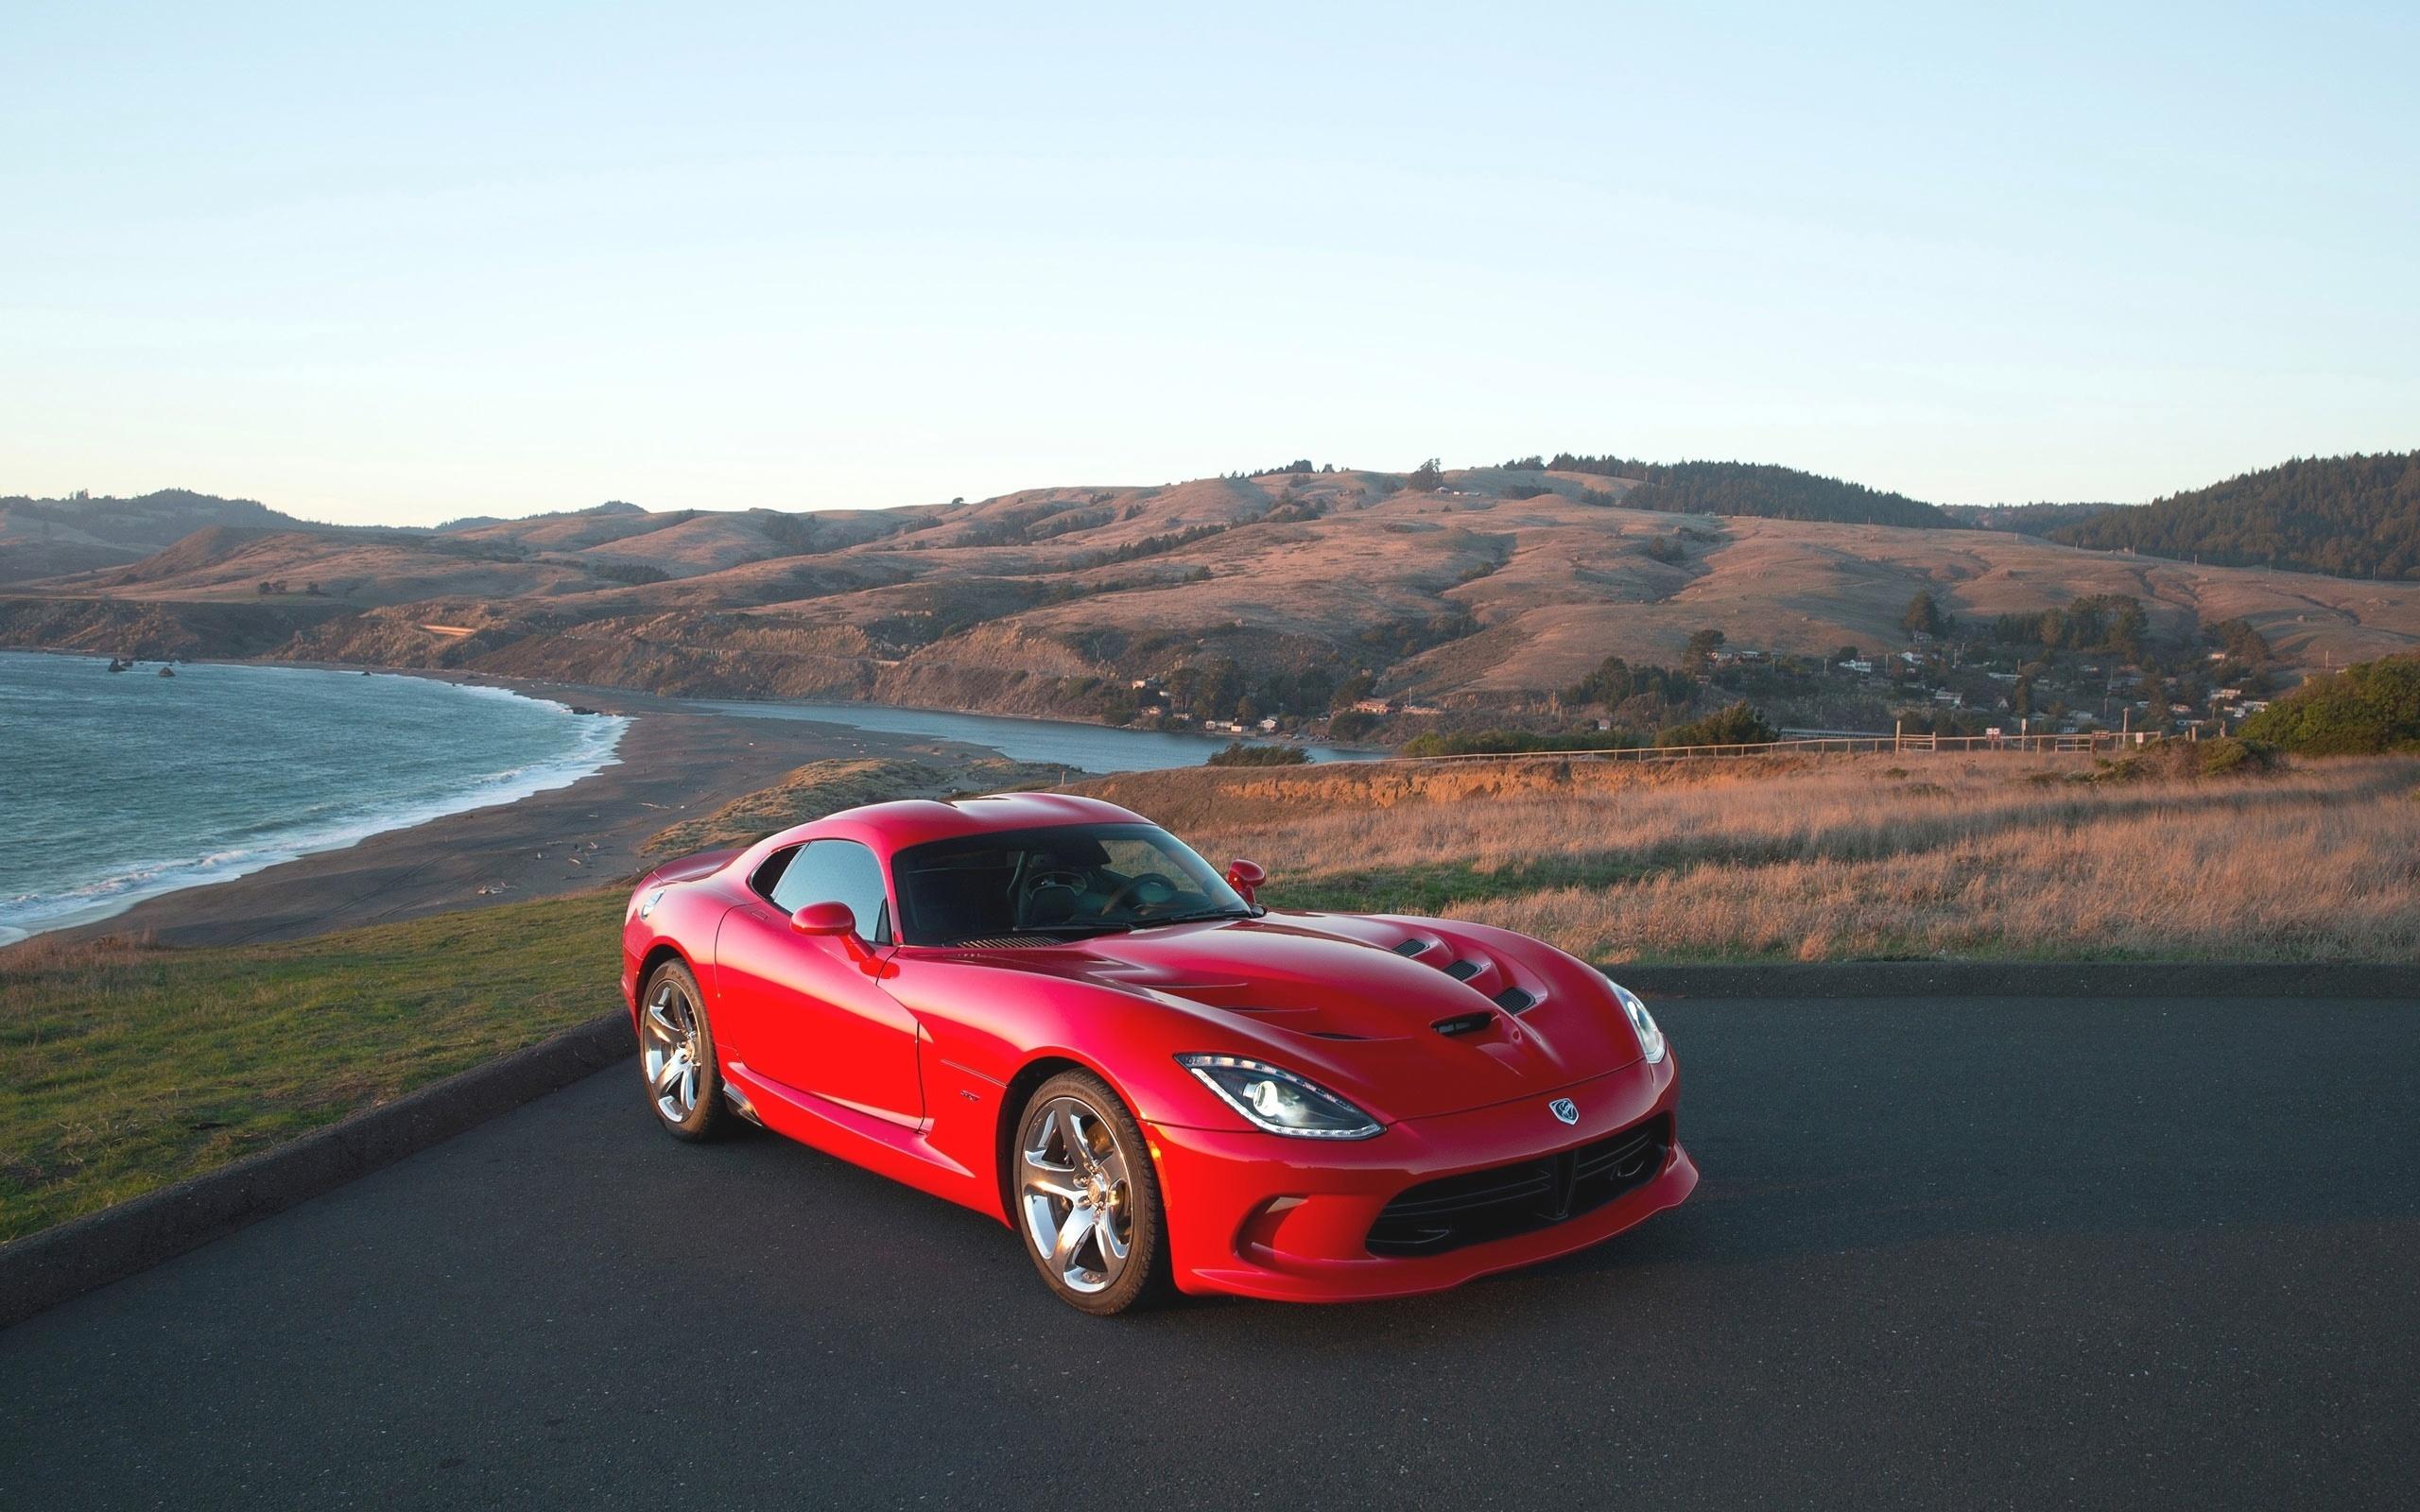 красный спортивный автомобиль Dodge Viper SRT  № 1128486 бесплатно